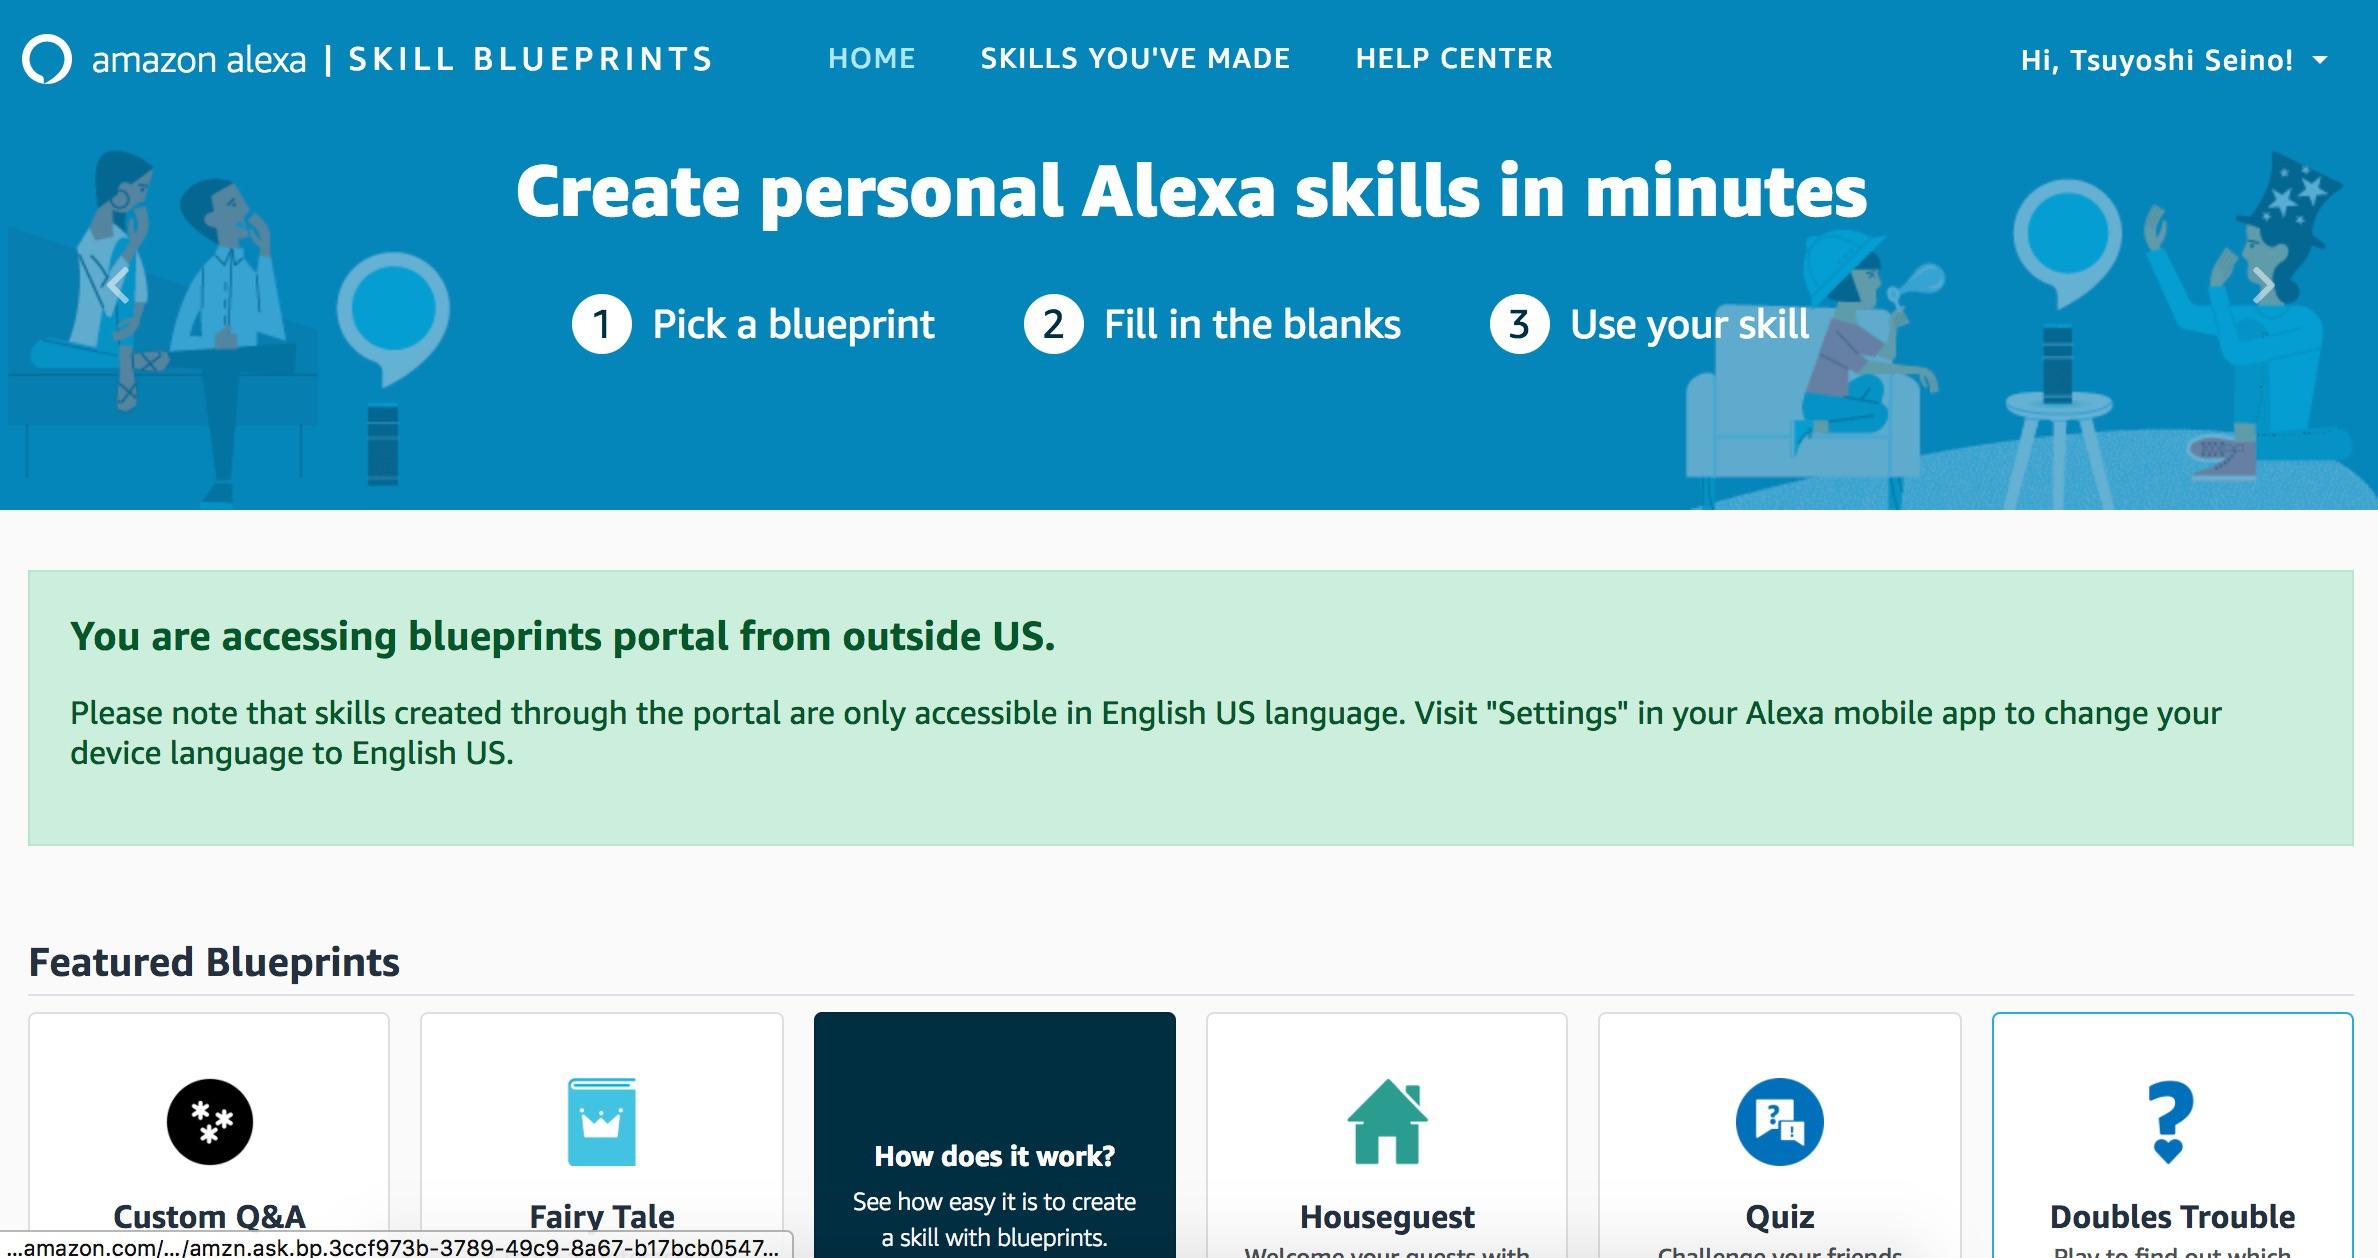 コーディングなしでスキルを作成できる alexa skill blueprints は